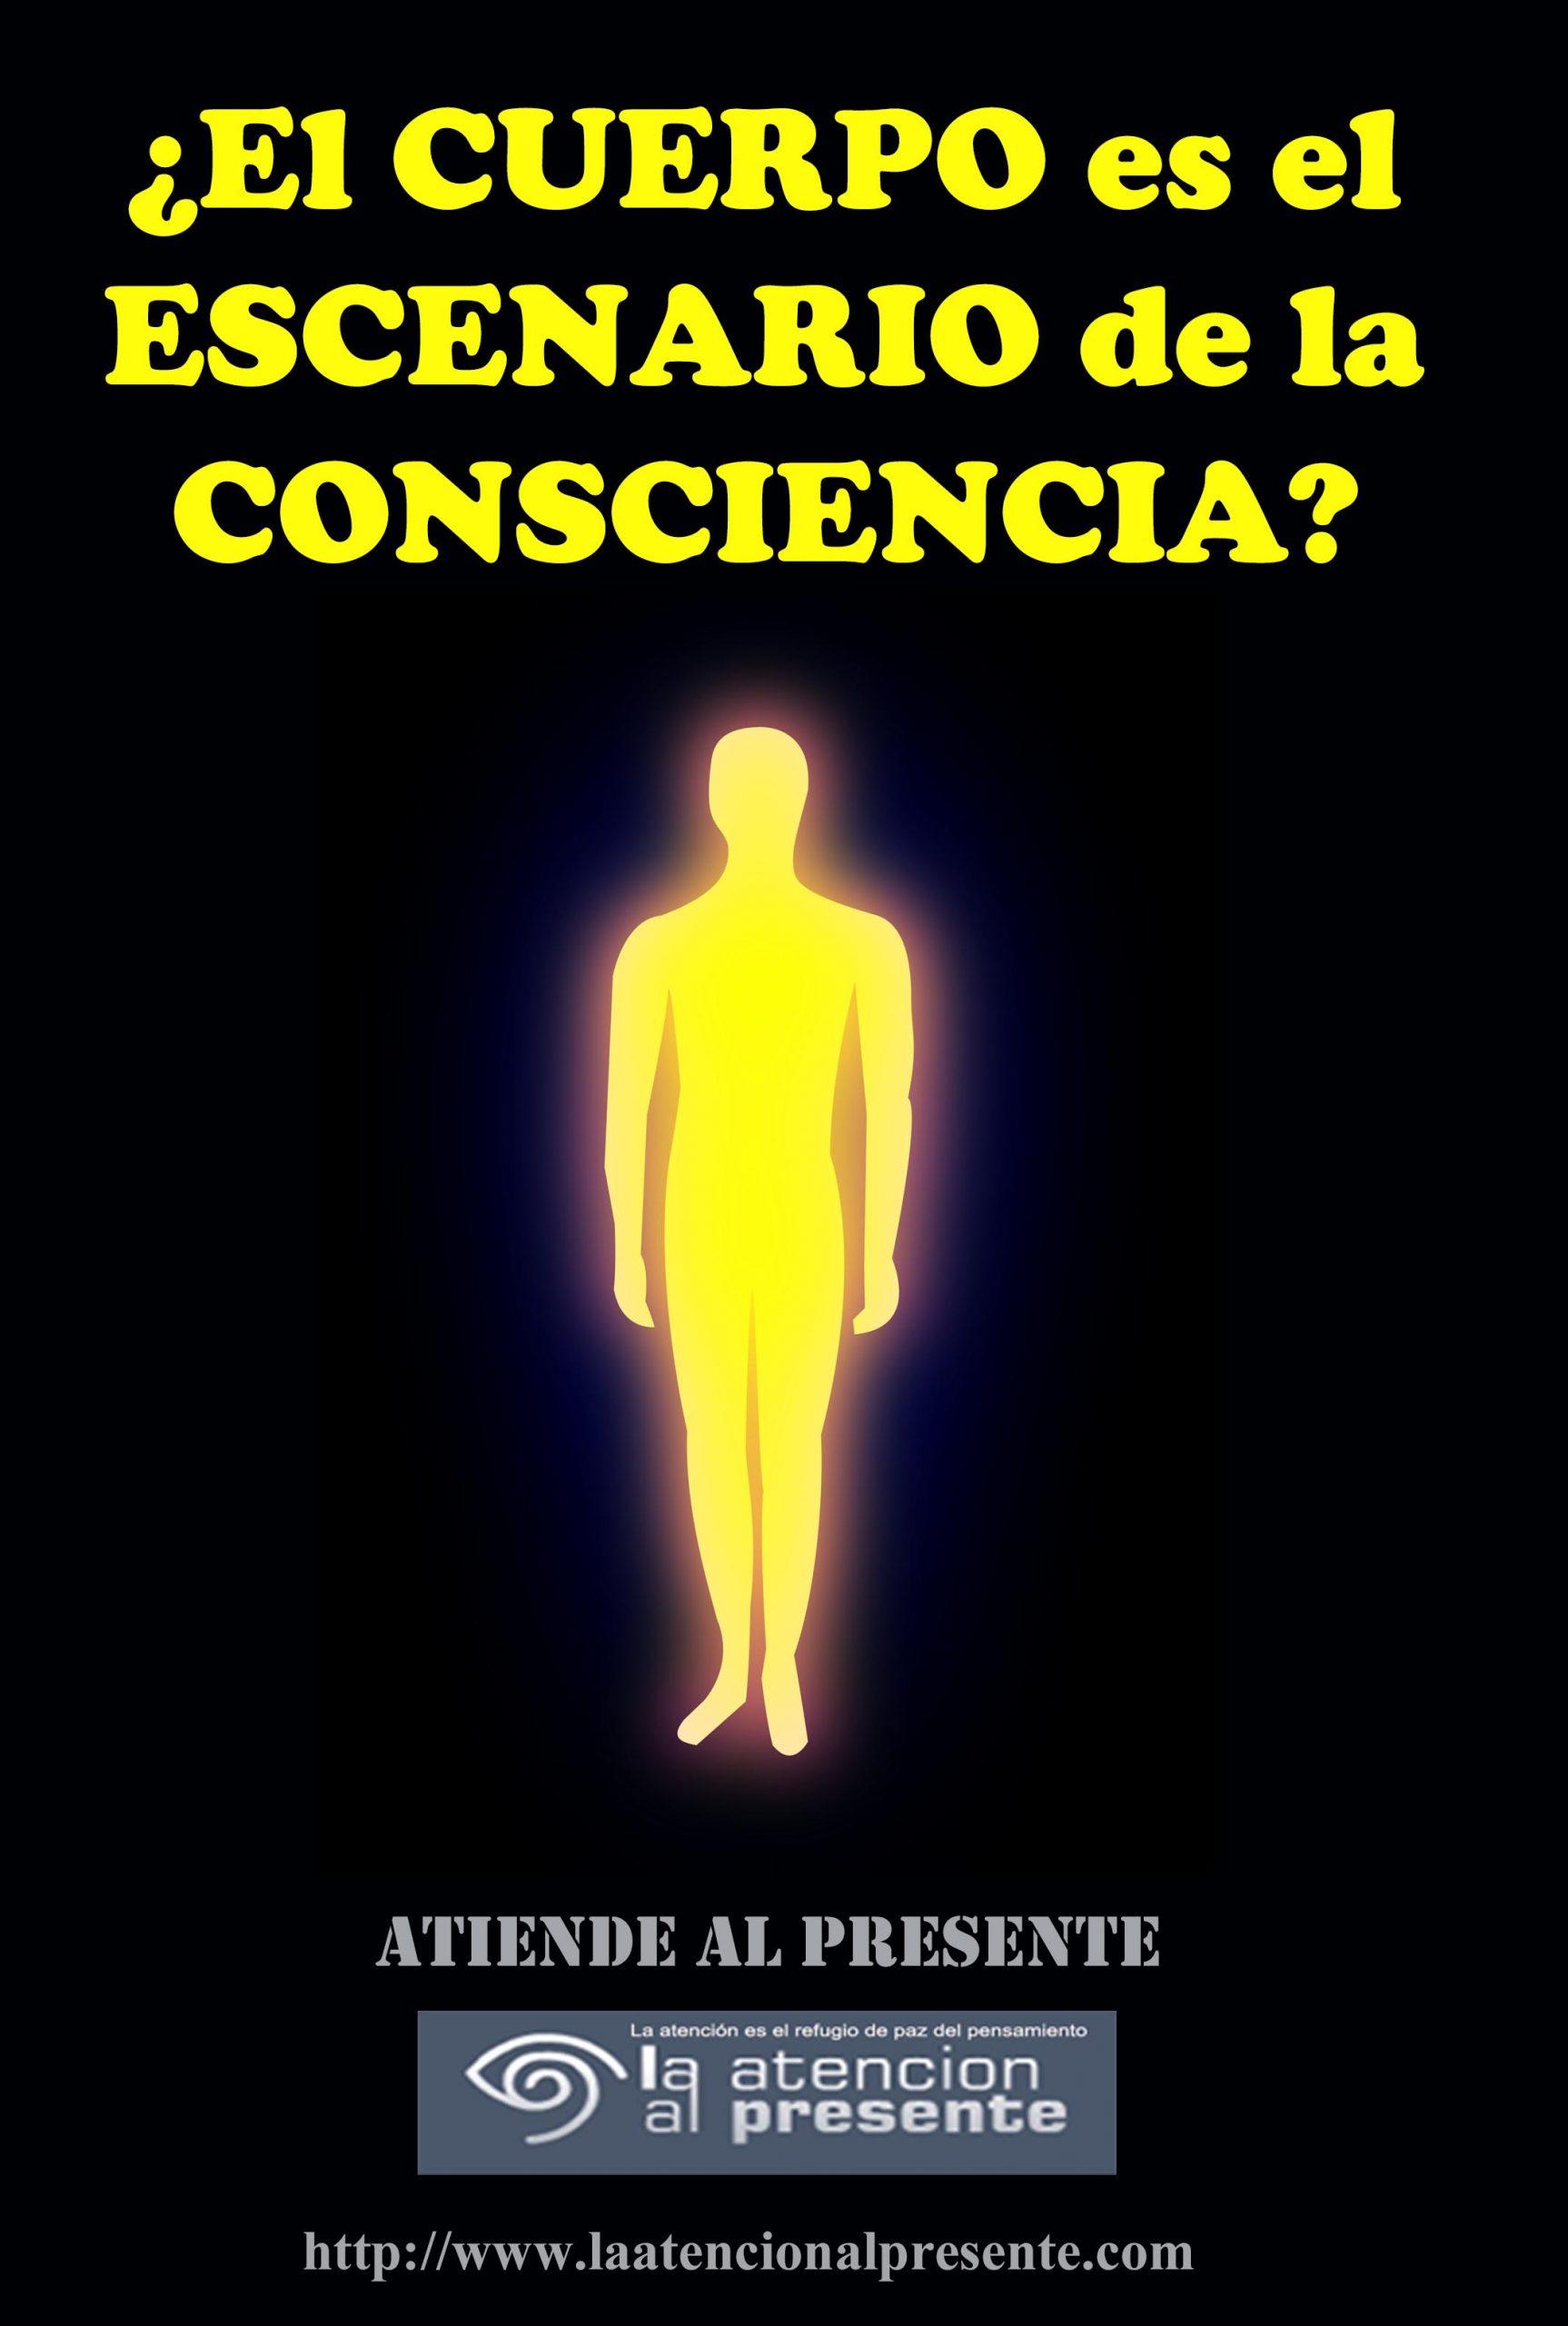 18 de Noviembre Esteban El CUERPO es el ESCENARIO de la CONSCIENCIA min scaled